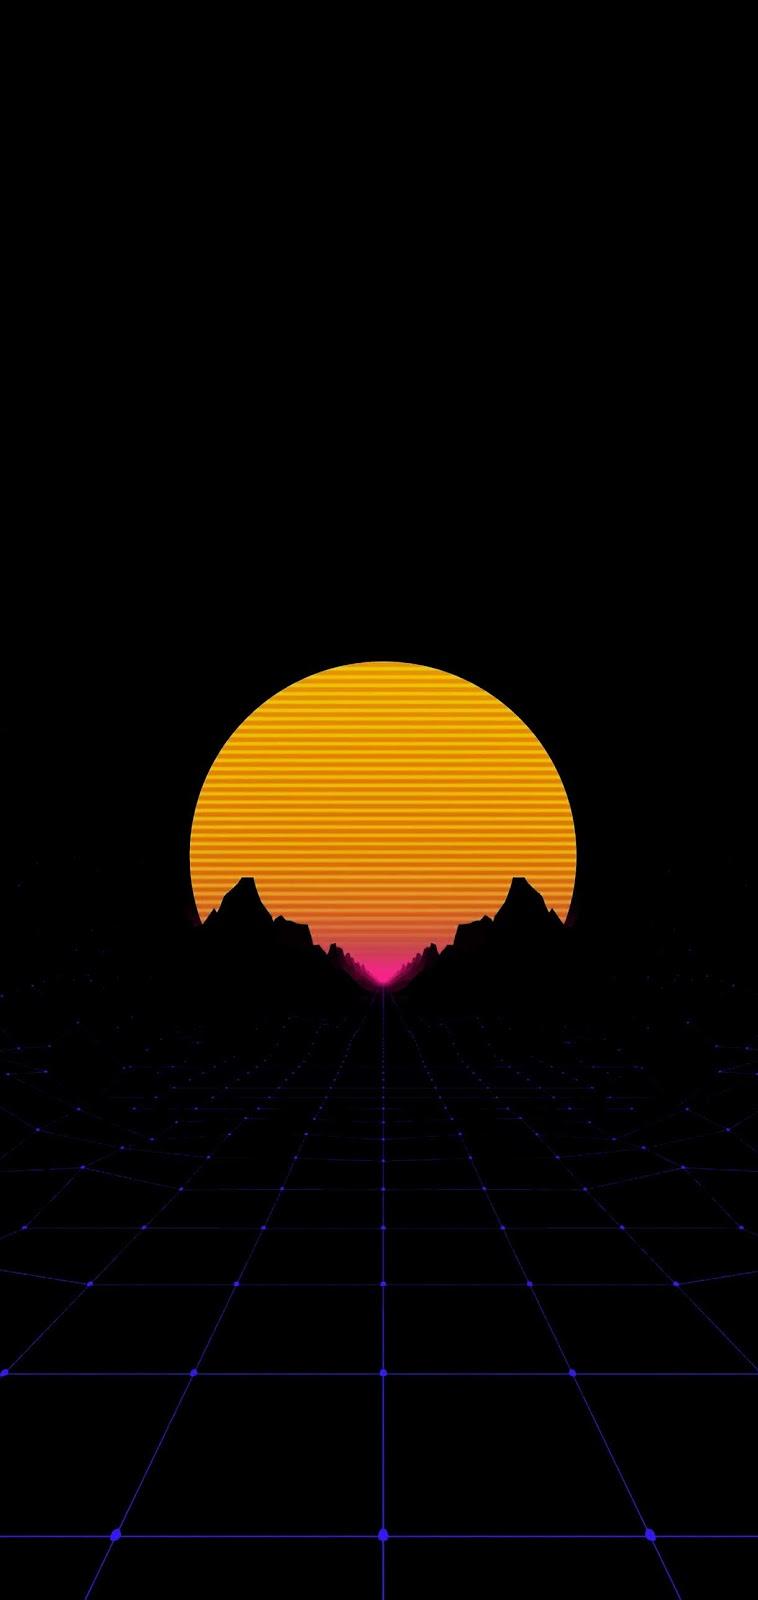 Laserwave